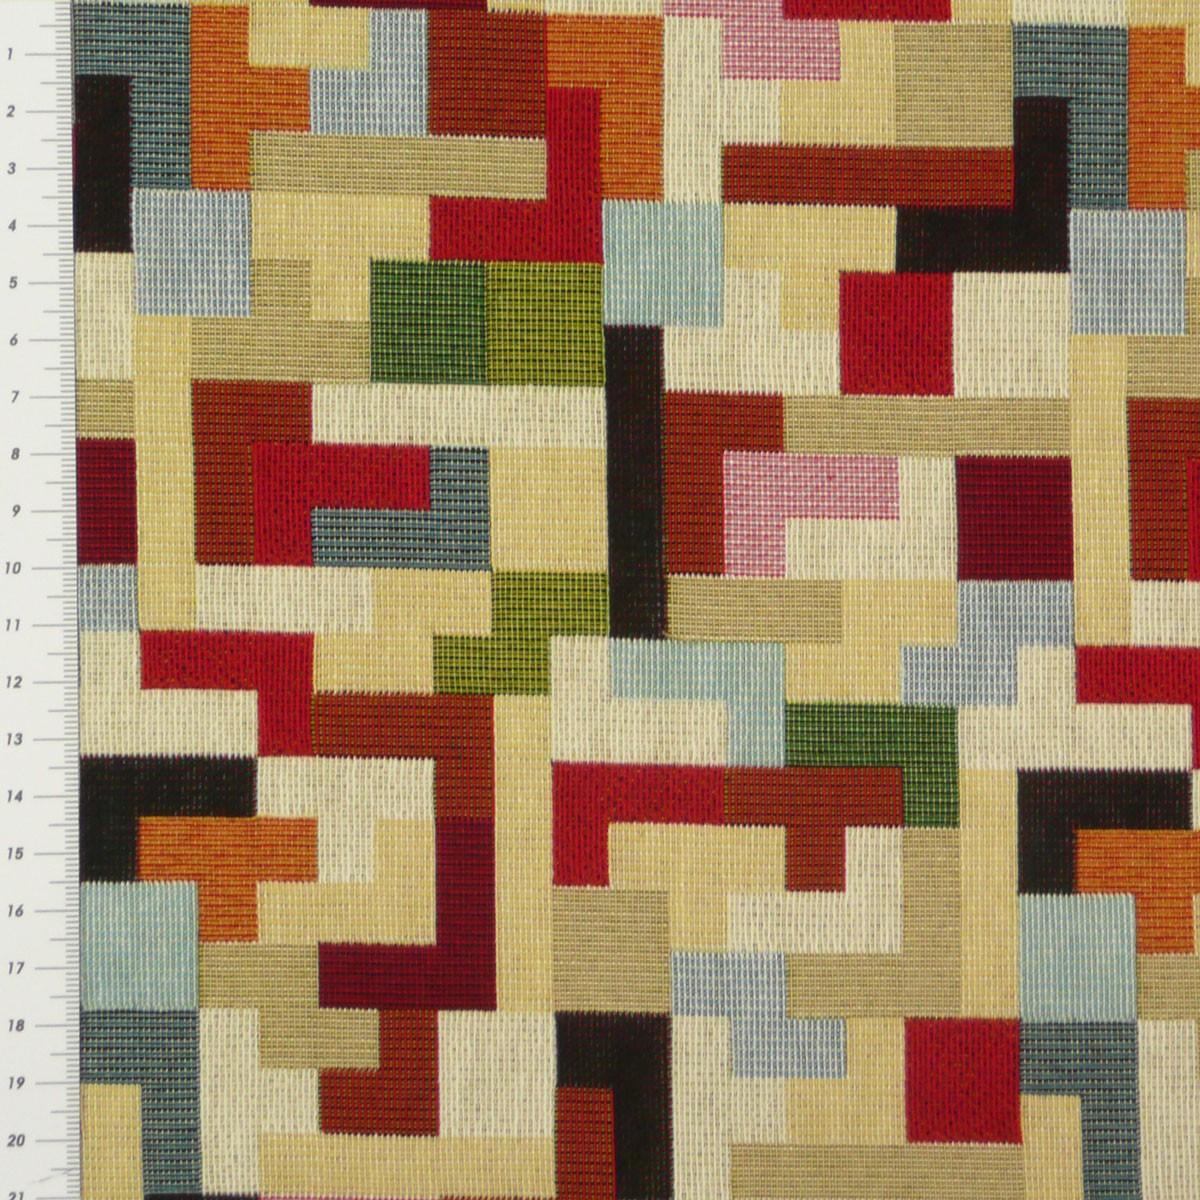 gobelinstoff stoff dekostoff karo tetris stoffe wohnstoffe. Black Bedroom Furniture Sets. Home Design Ideas